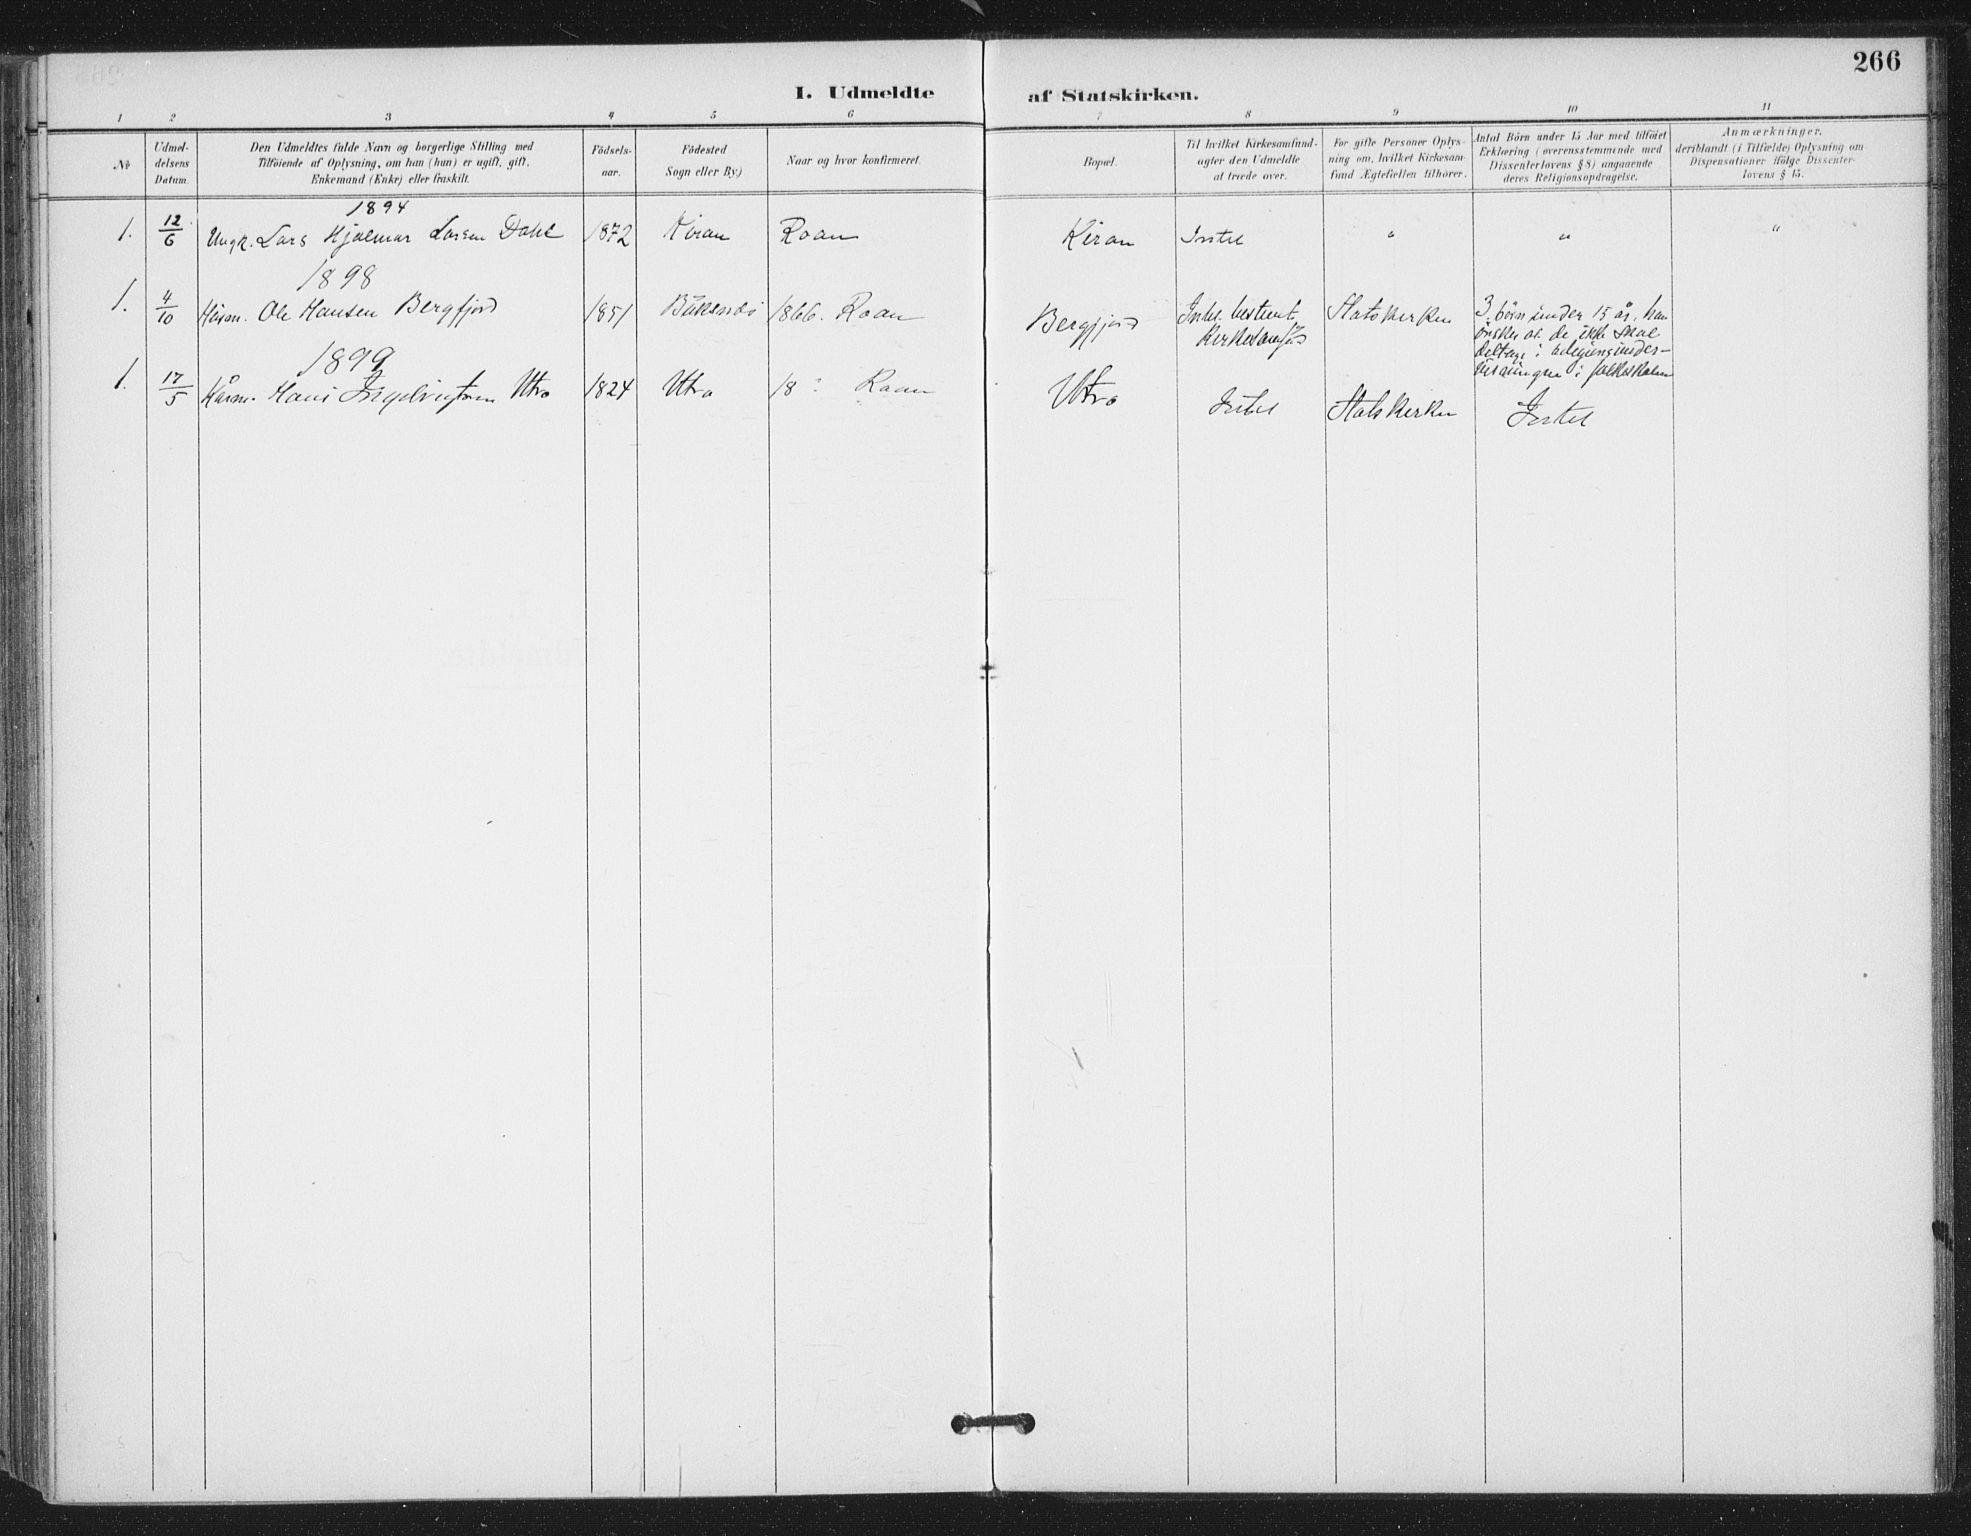 SAT, Ministerialprotokoller, klokkerbøker og fødselsregistre - Sør-Trøndelag, 657/L0708: Ministerialbok nr. 657A09, 1894-1904, s. 266